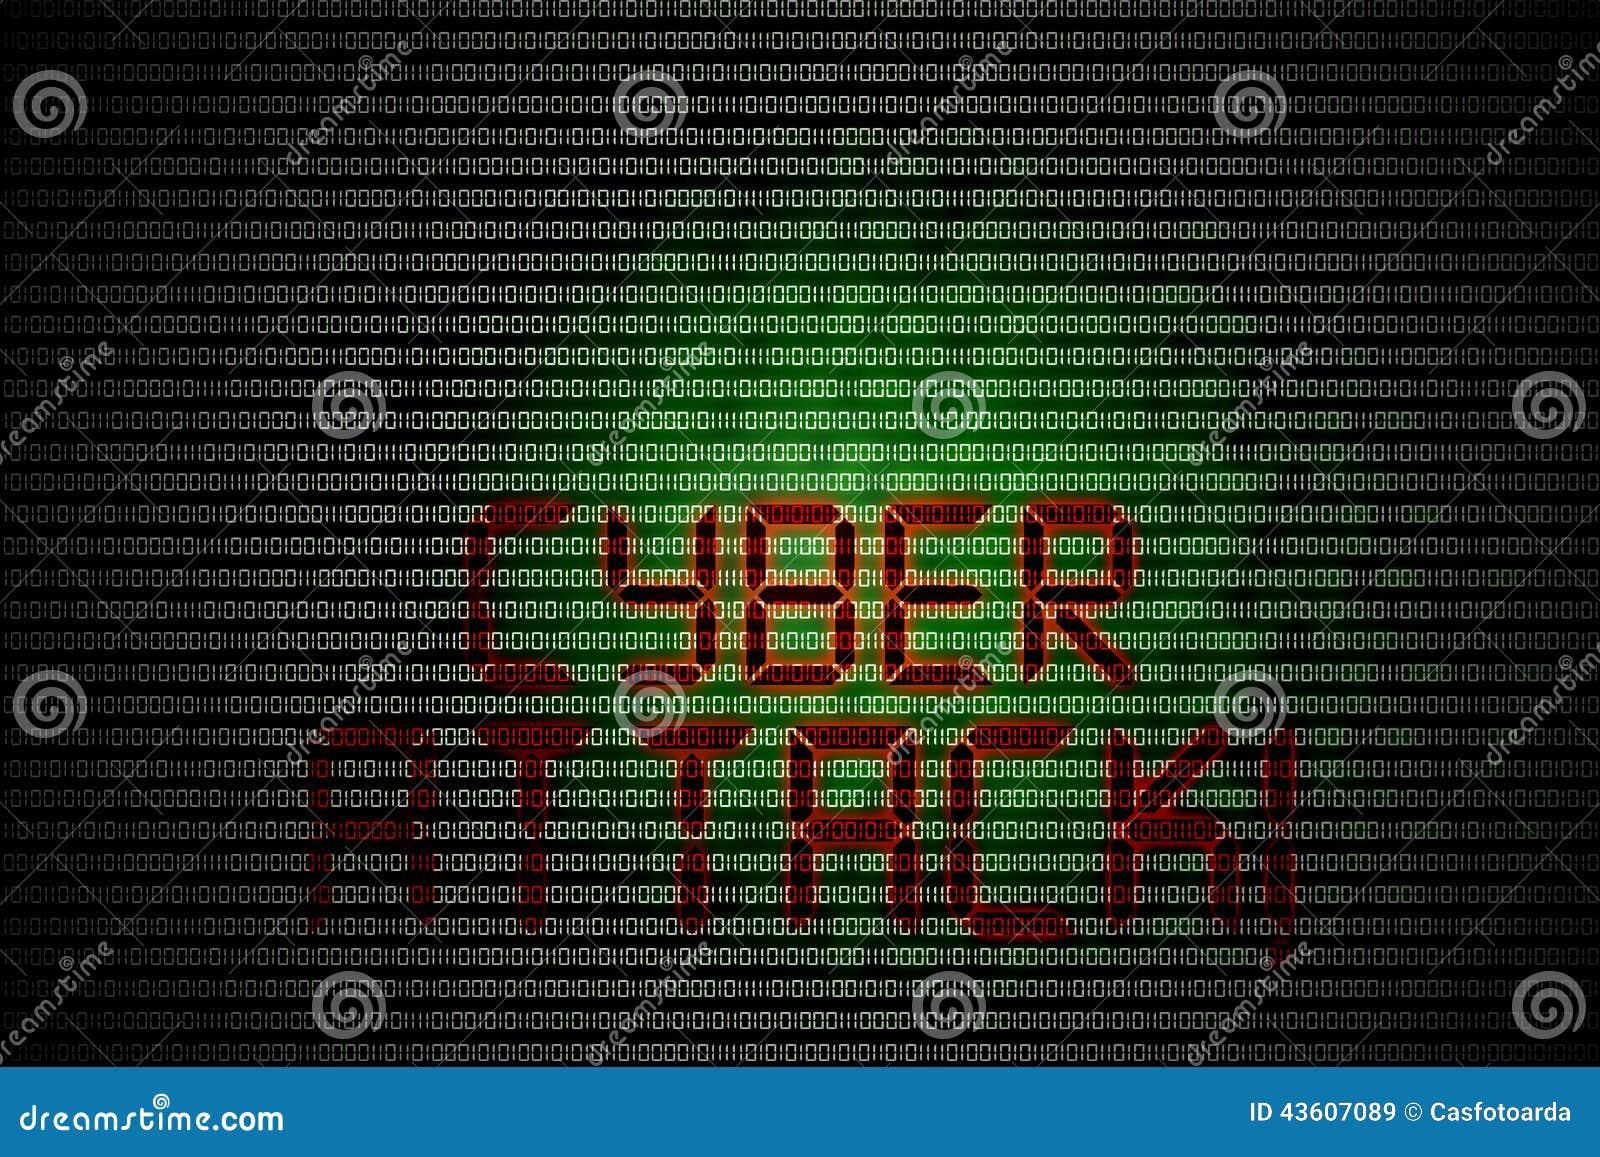 Кибер атака